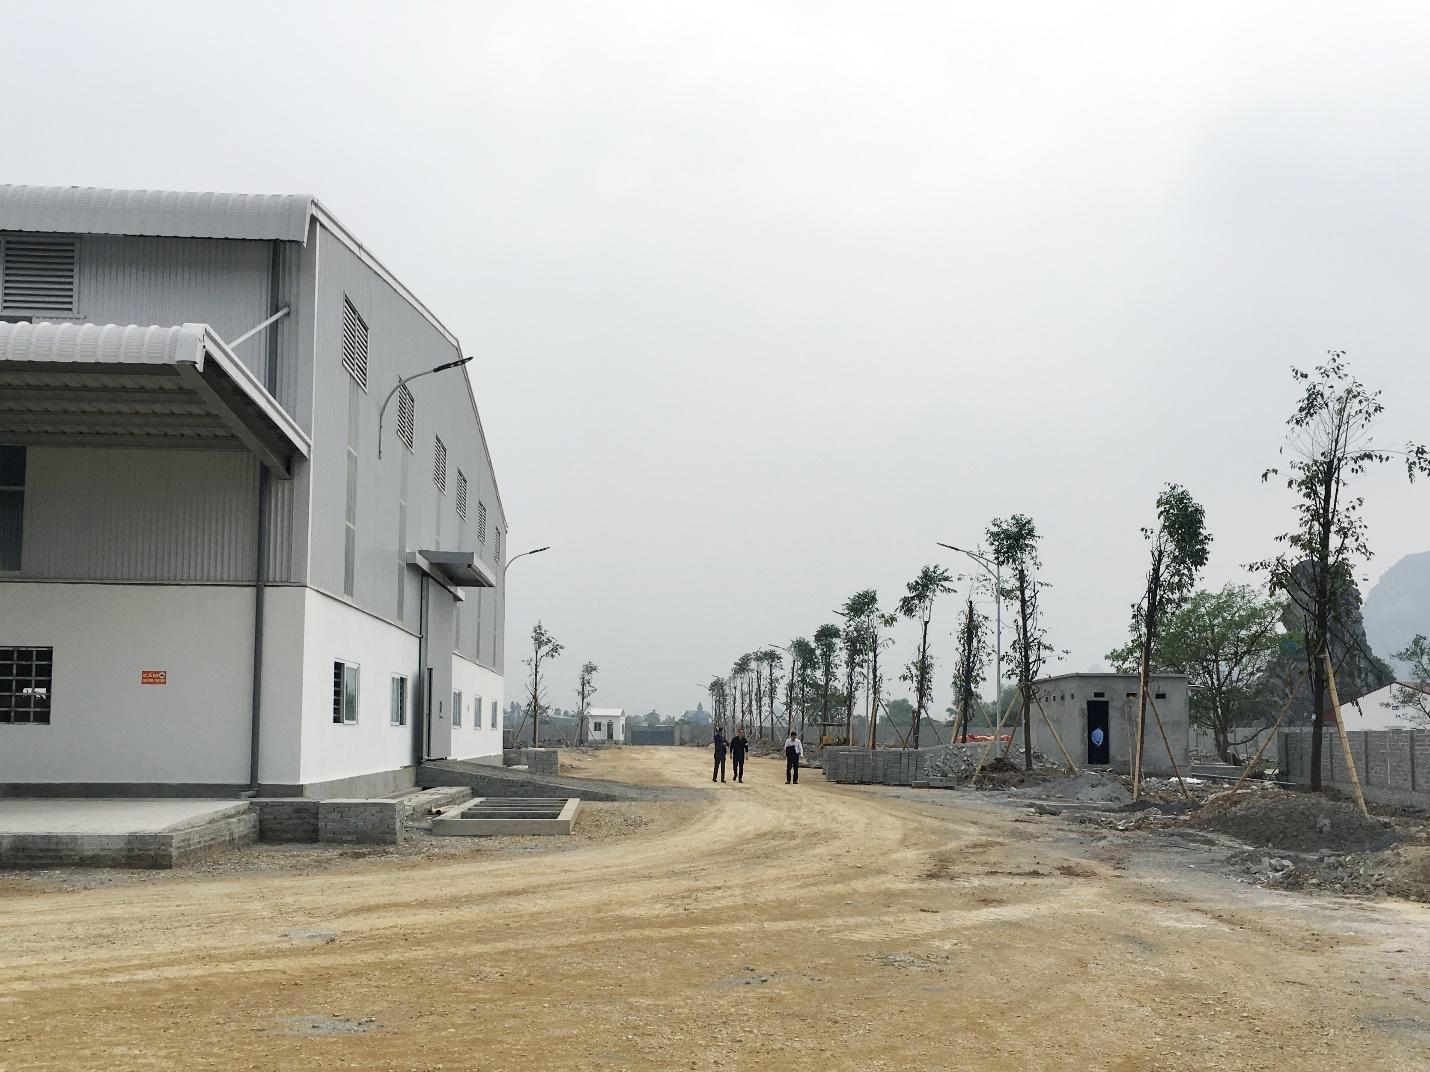 Khang Minh đầu tư hàng trăm tỷ đồng xây dựng nhà máy Conslab Thạch Anh